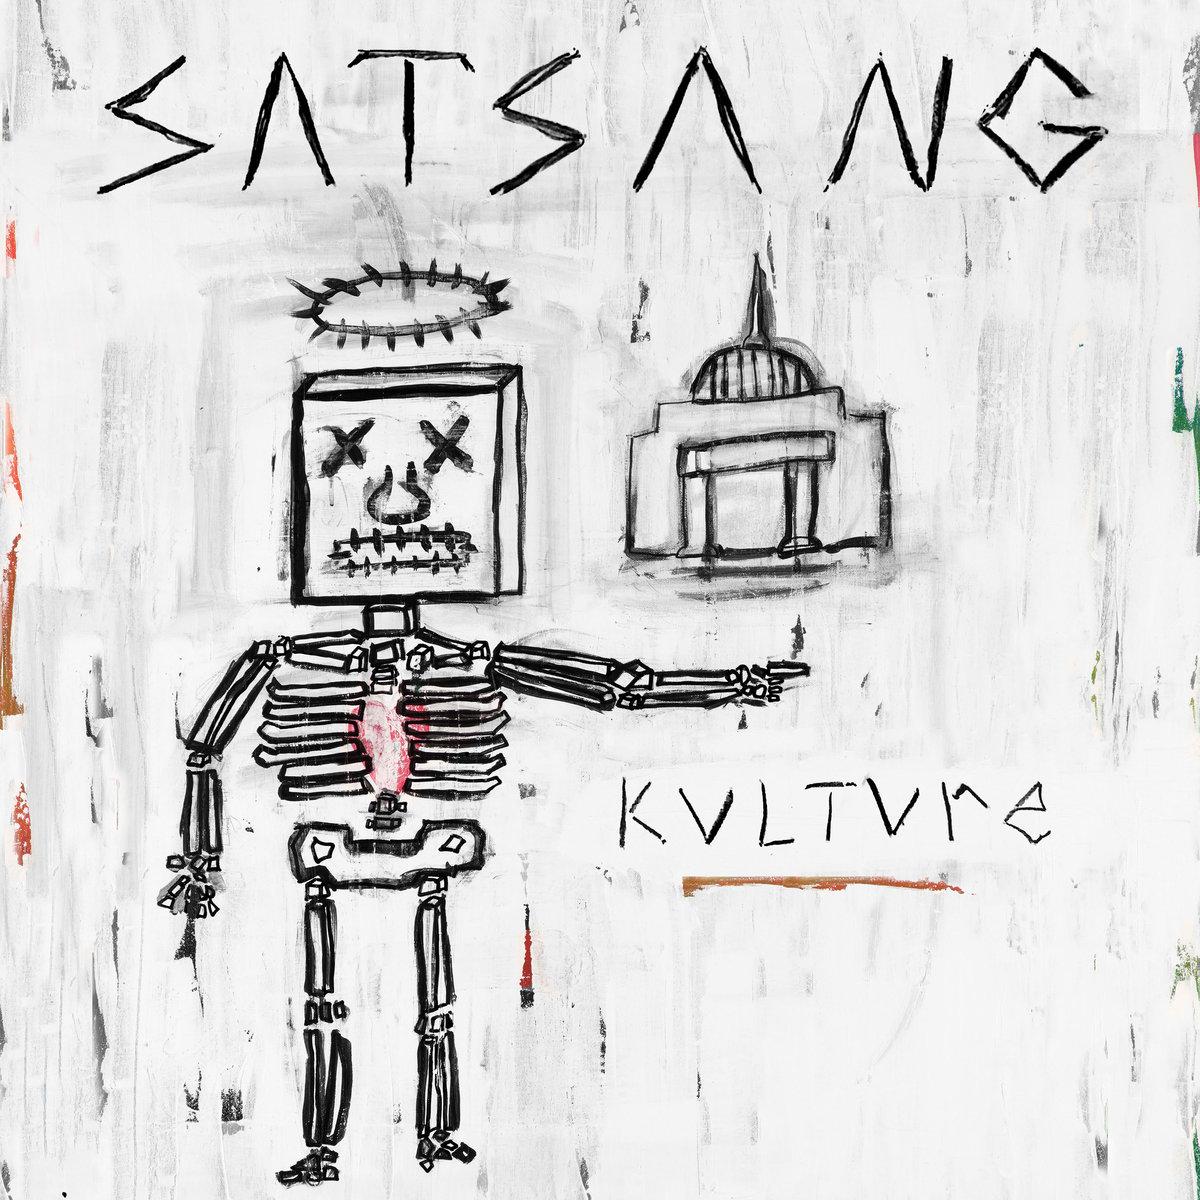 Satsang - Kulture